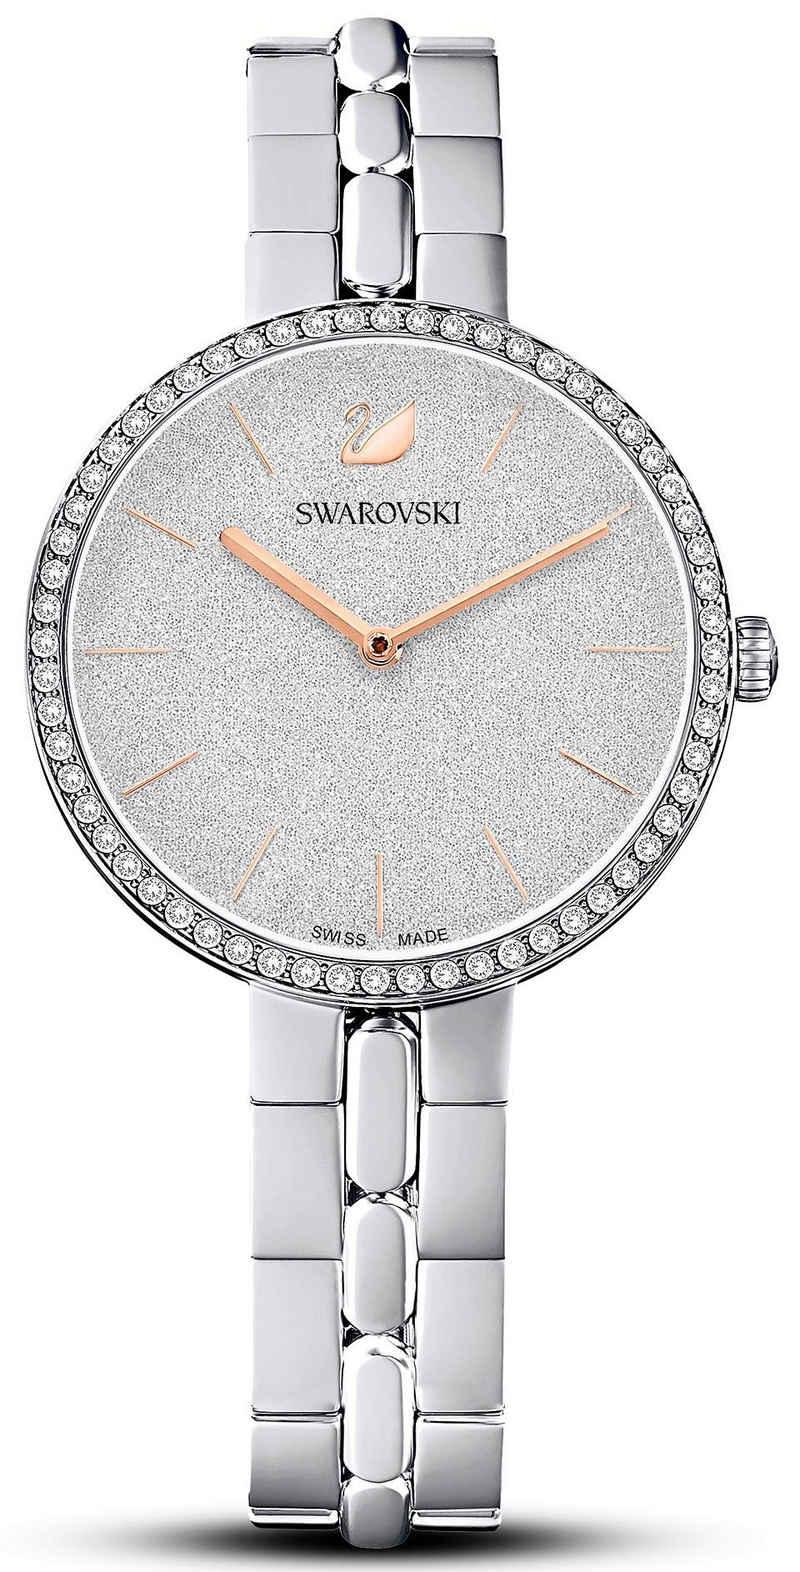 Swarovski Schweizer Uhr »COSMOPOLITAN, 5517807«, Zifferblatt mit Glitzerlack